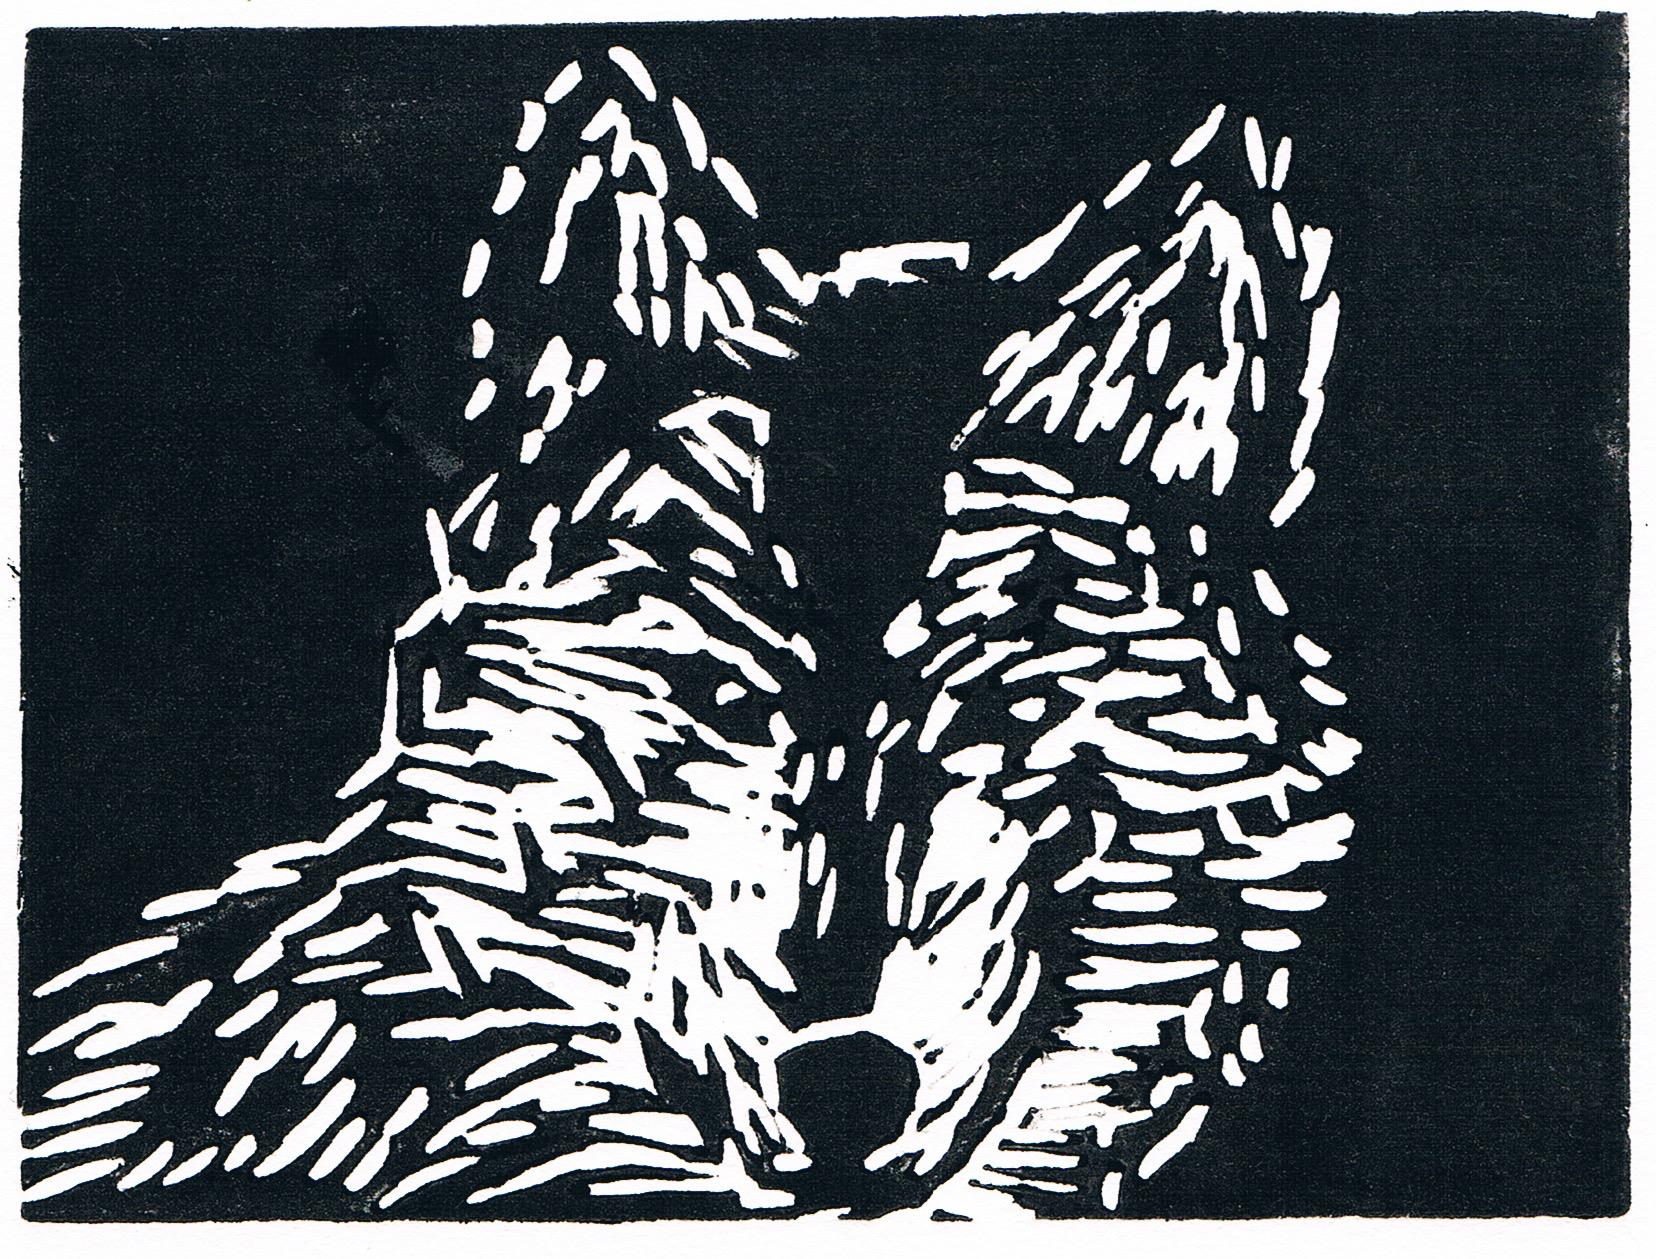 WolfLinol1 Kopie.jpg